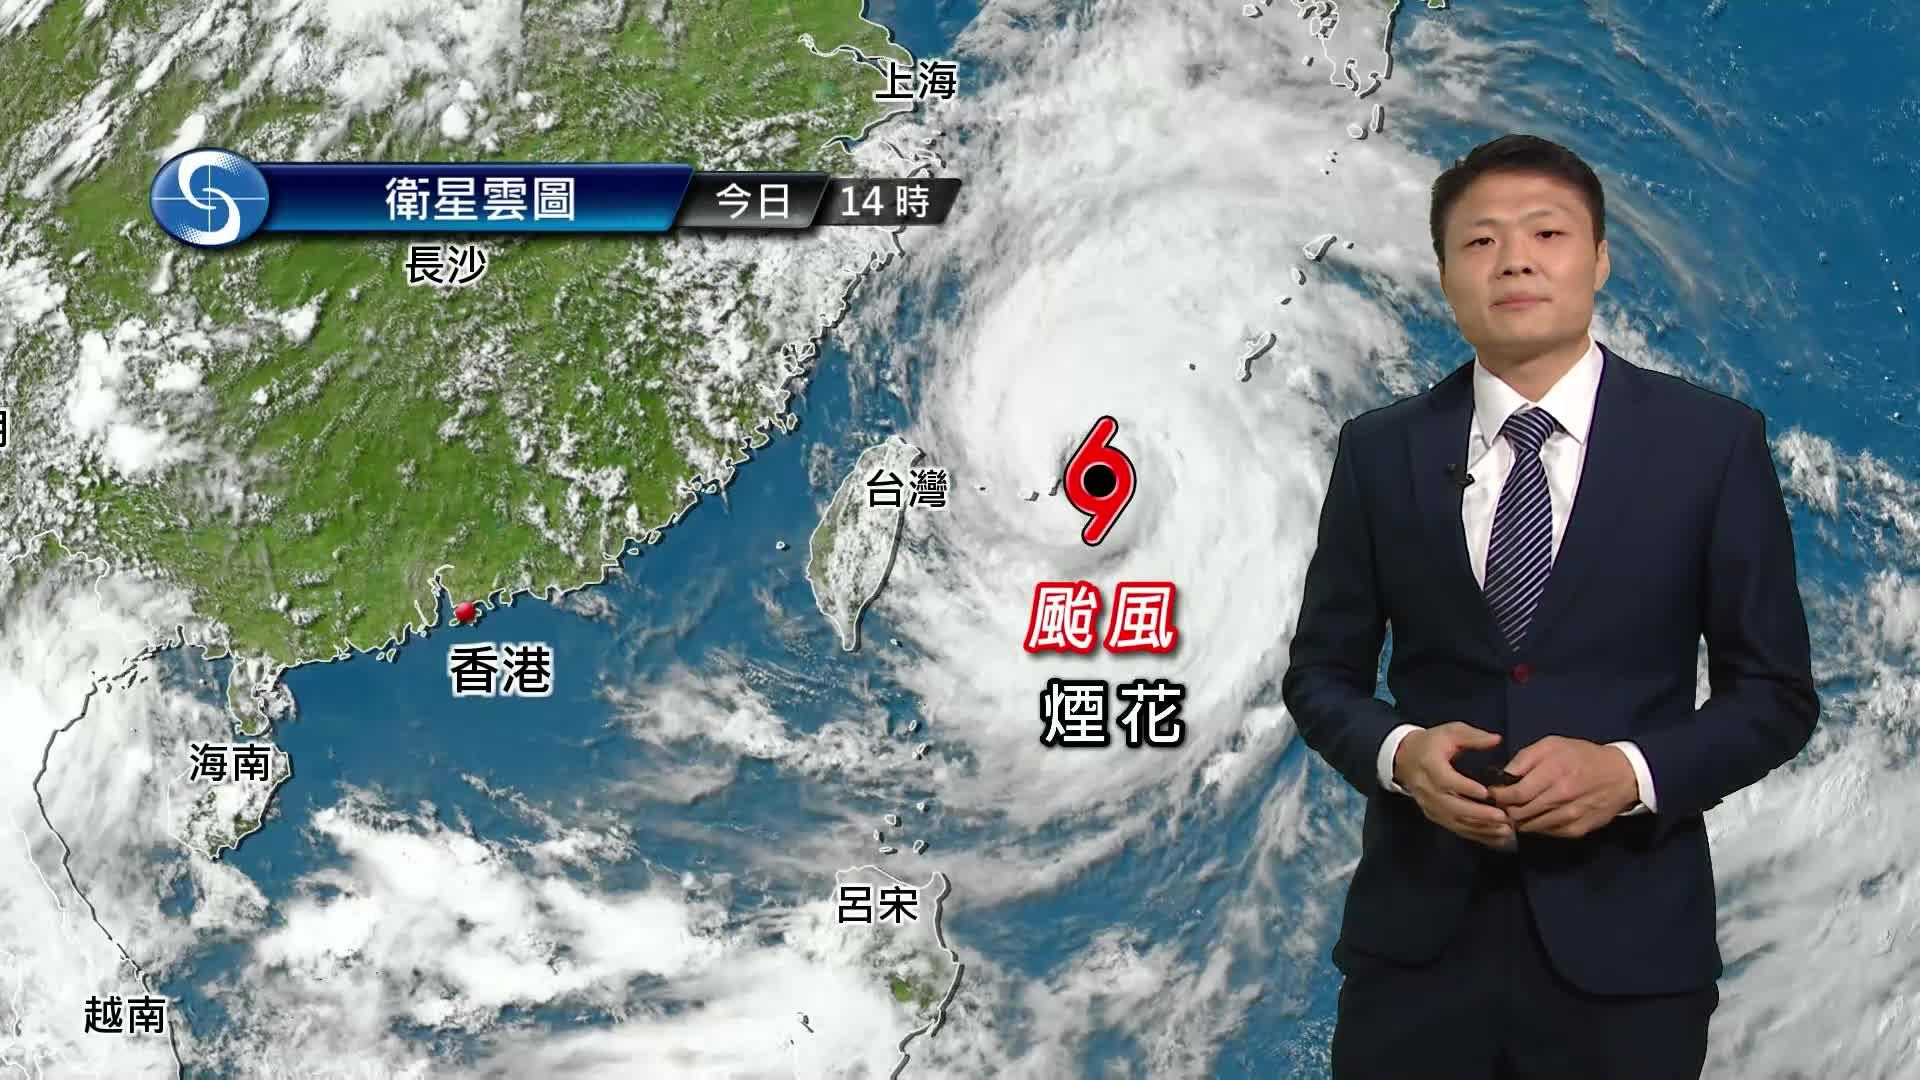 黃昏天氣節目(07月23日下午6時) - 學術主任李智鴻